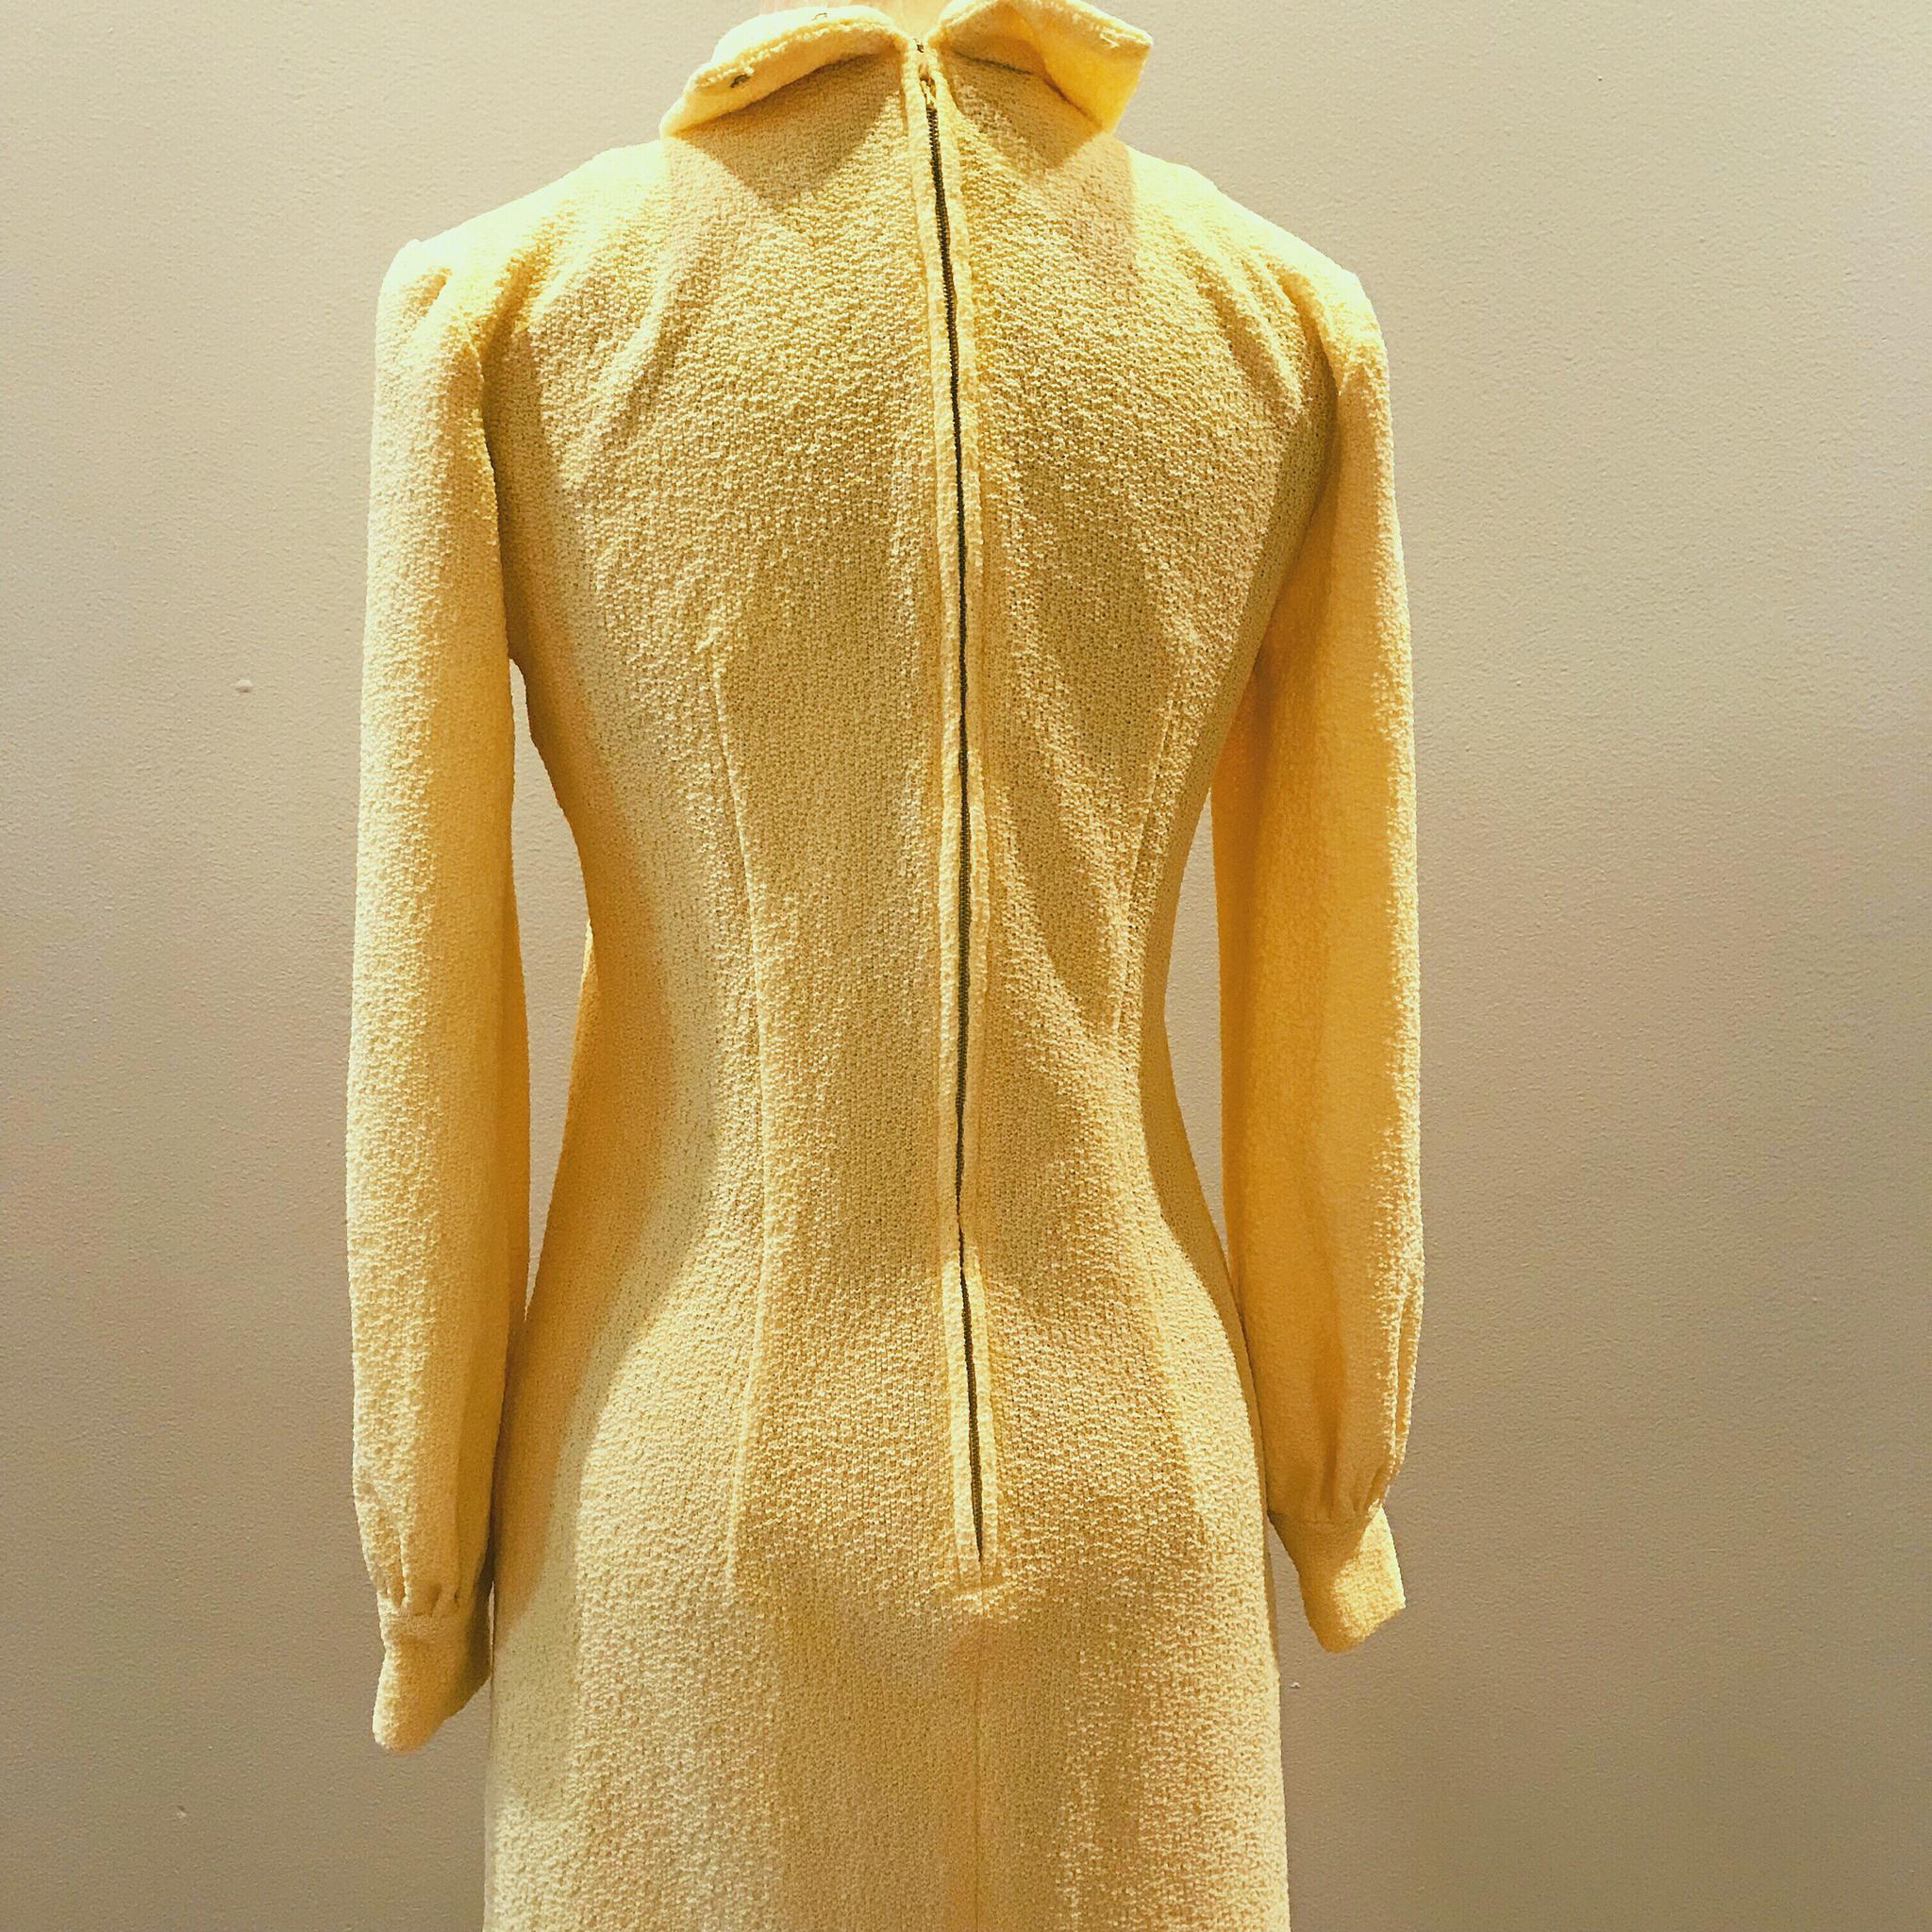 1960s Banana Shift Dress